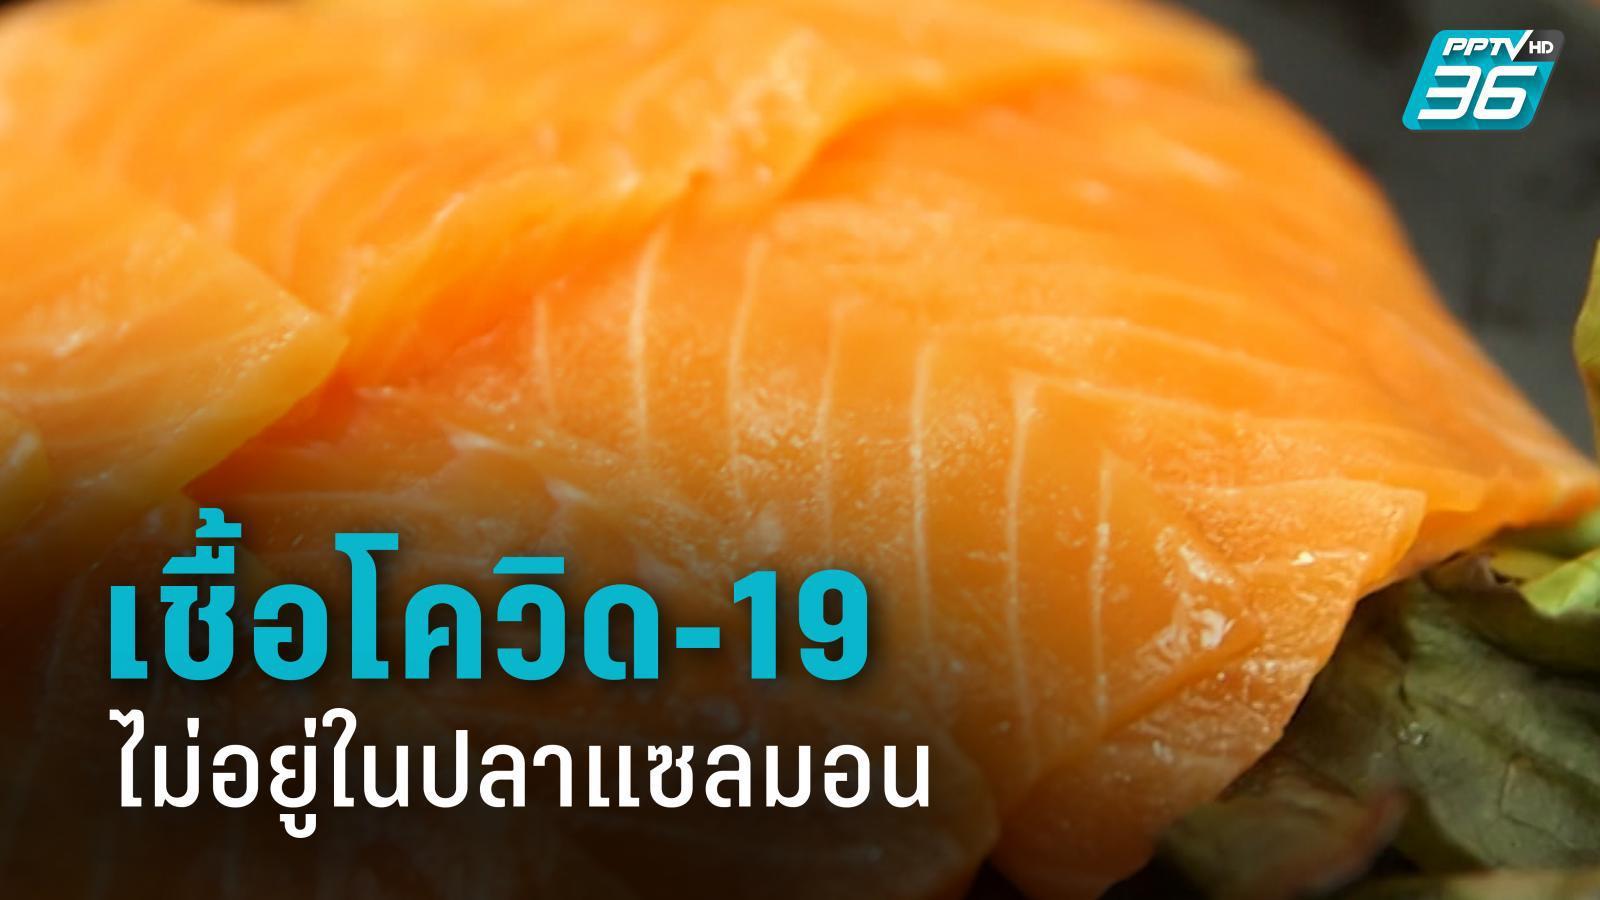 กรมควบคุมโรค เชื่อเชื้อโควิด-19 ไม่อยู่ในปลาแซลมอน